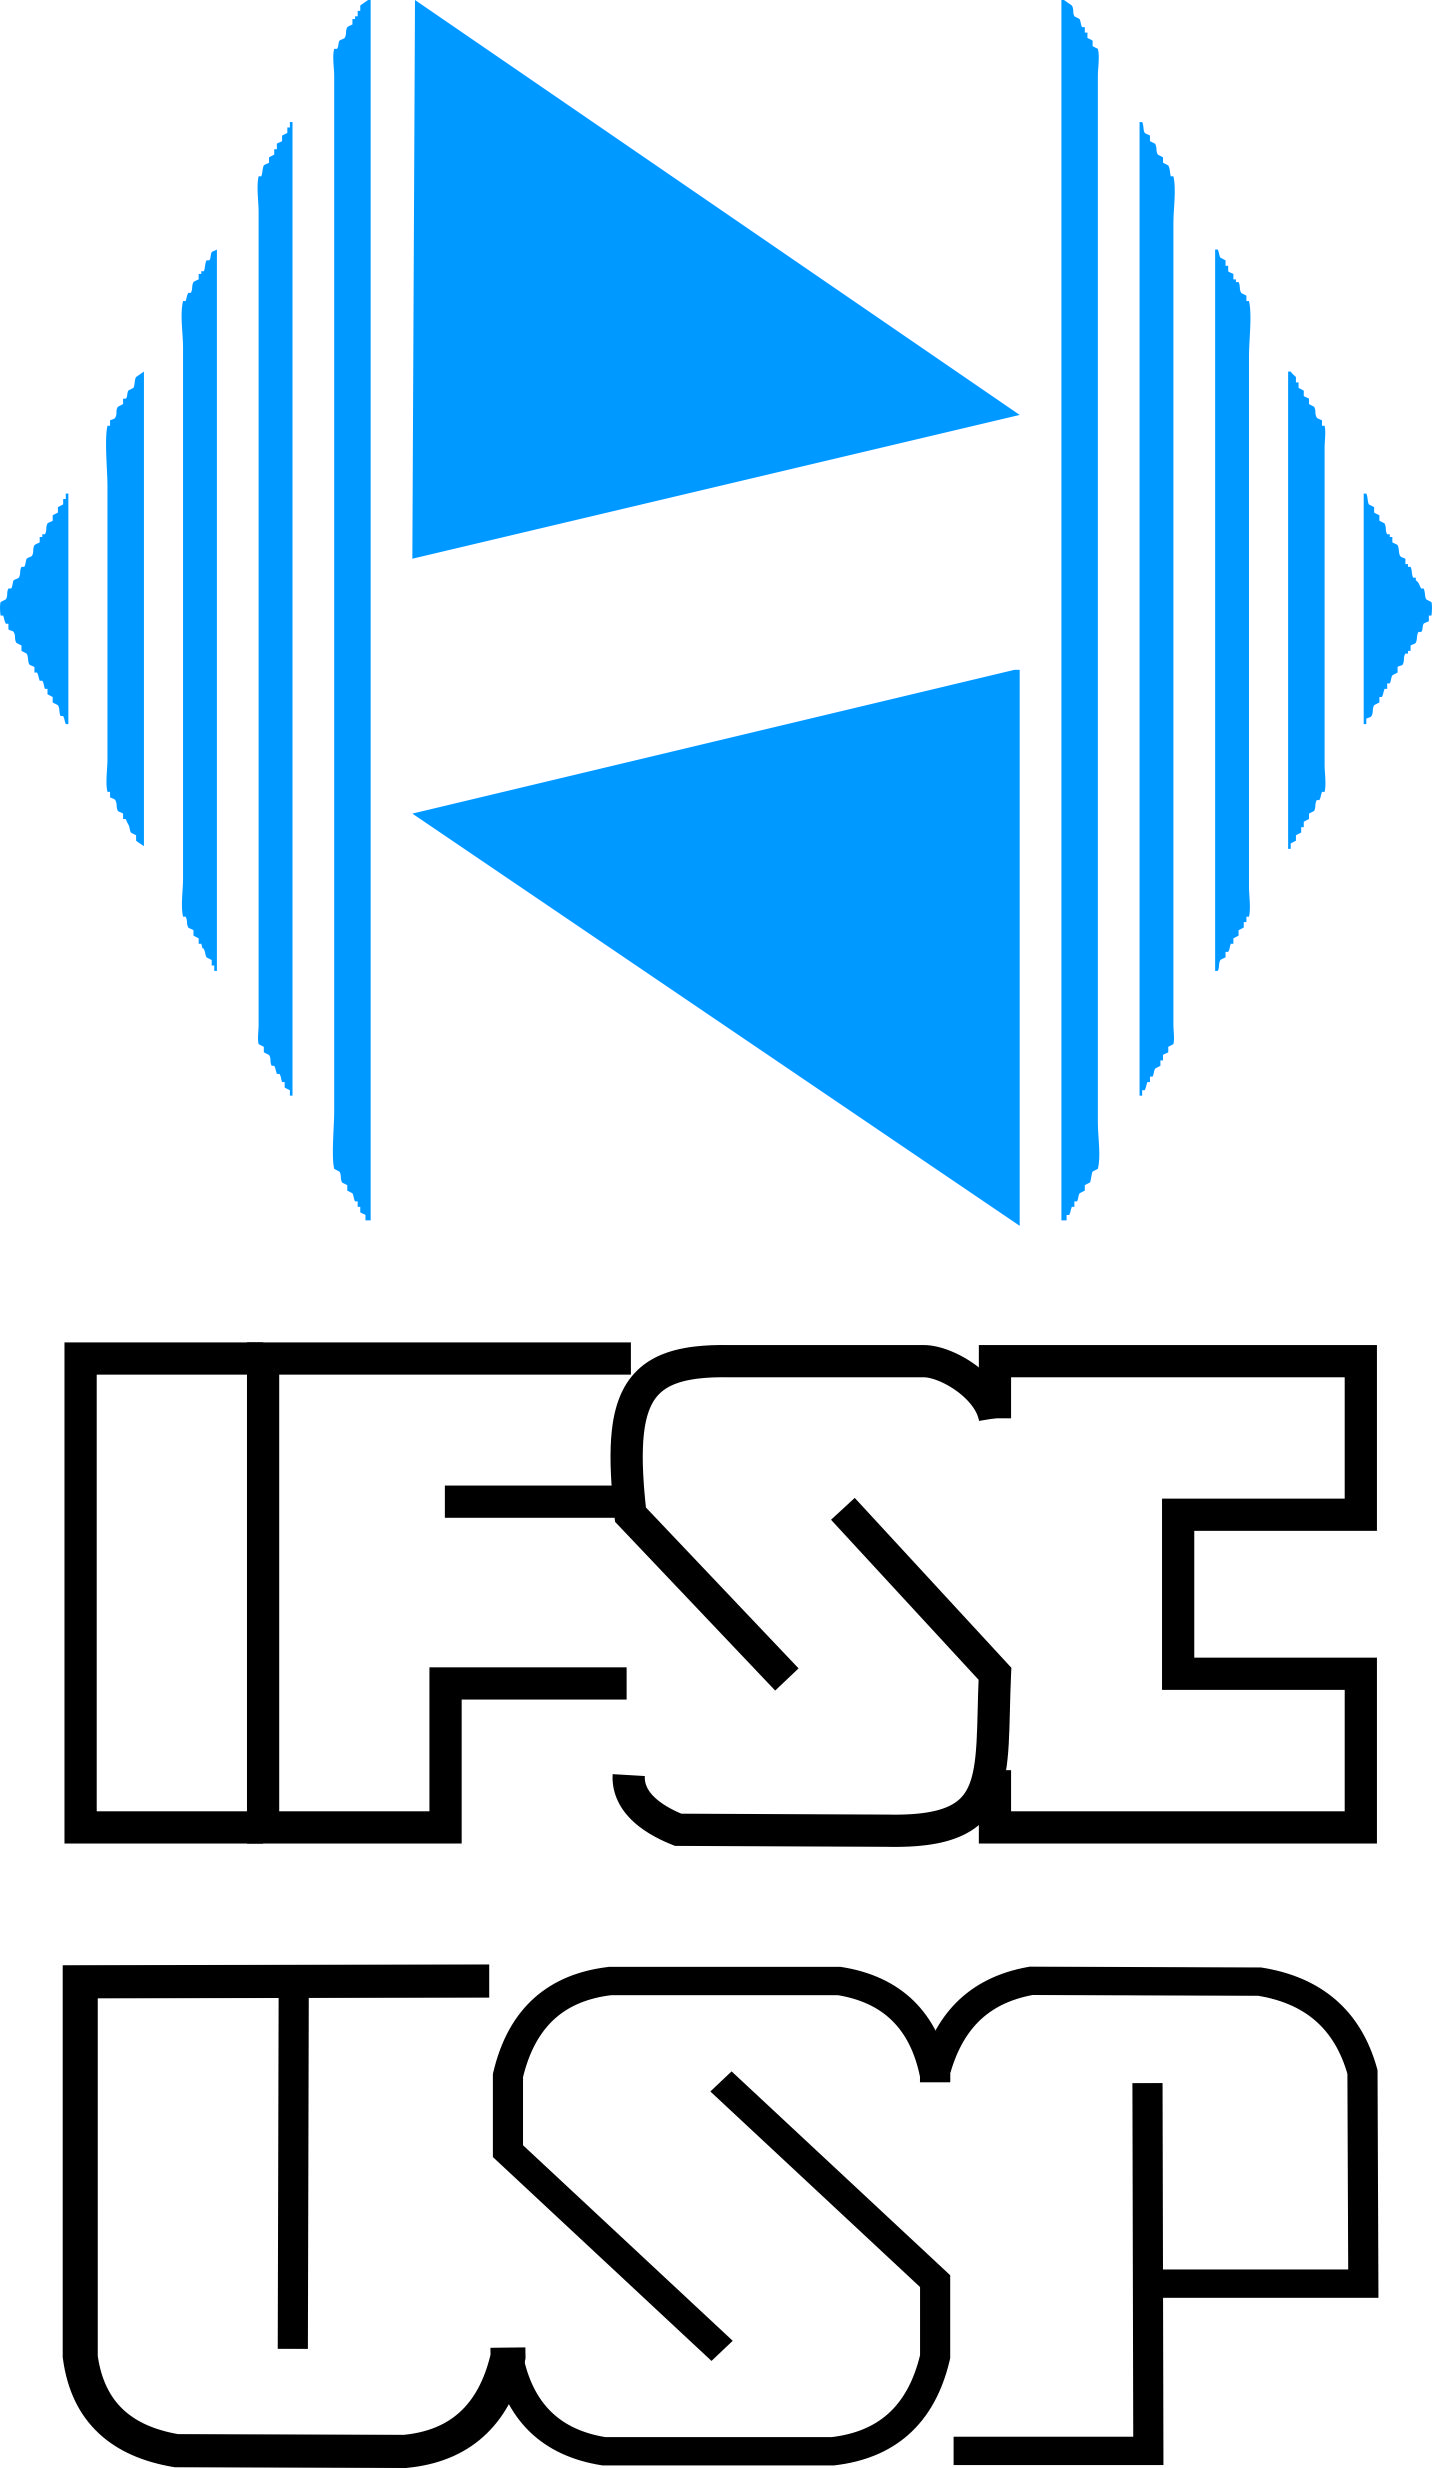 logotipos ifsc portal ifsc